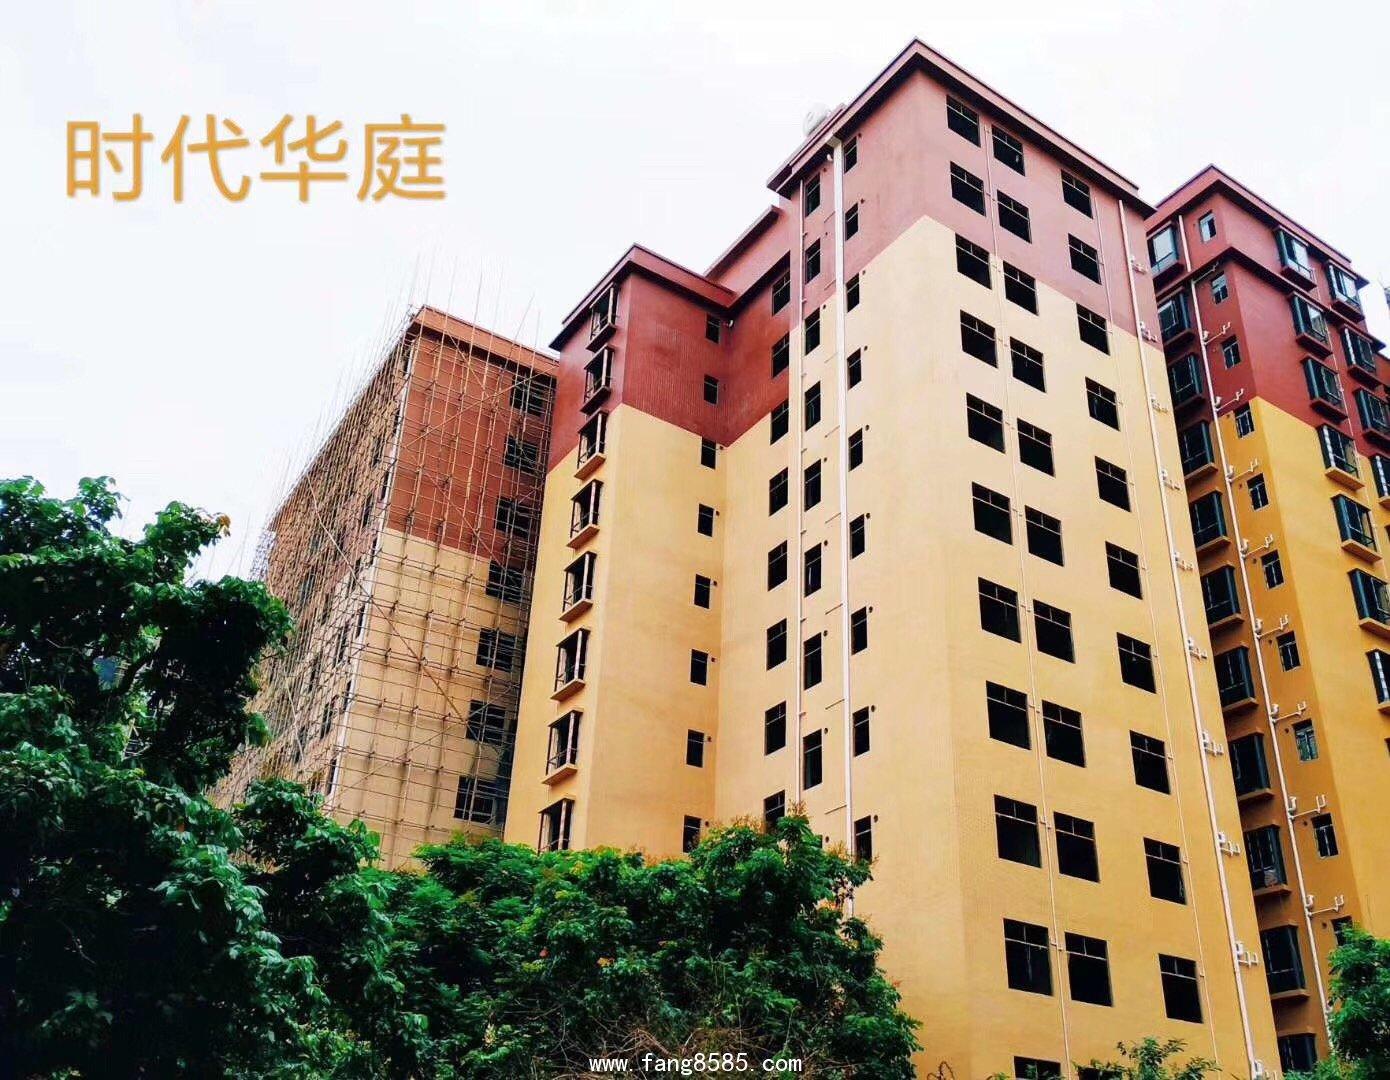 深圳东惠阳3栋合围式统建楼(时代华庭)3380元/平起,带停车场!